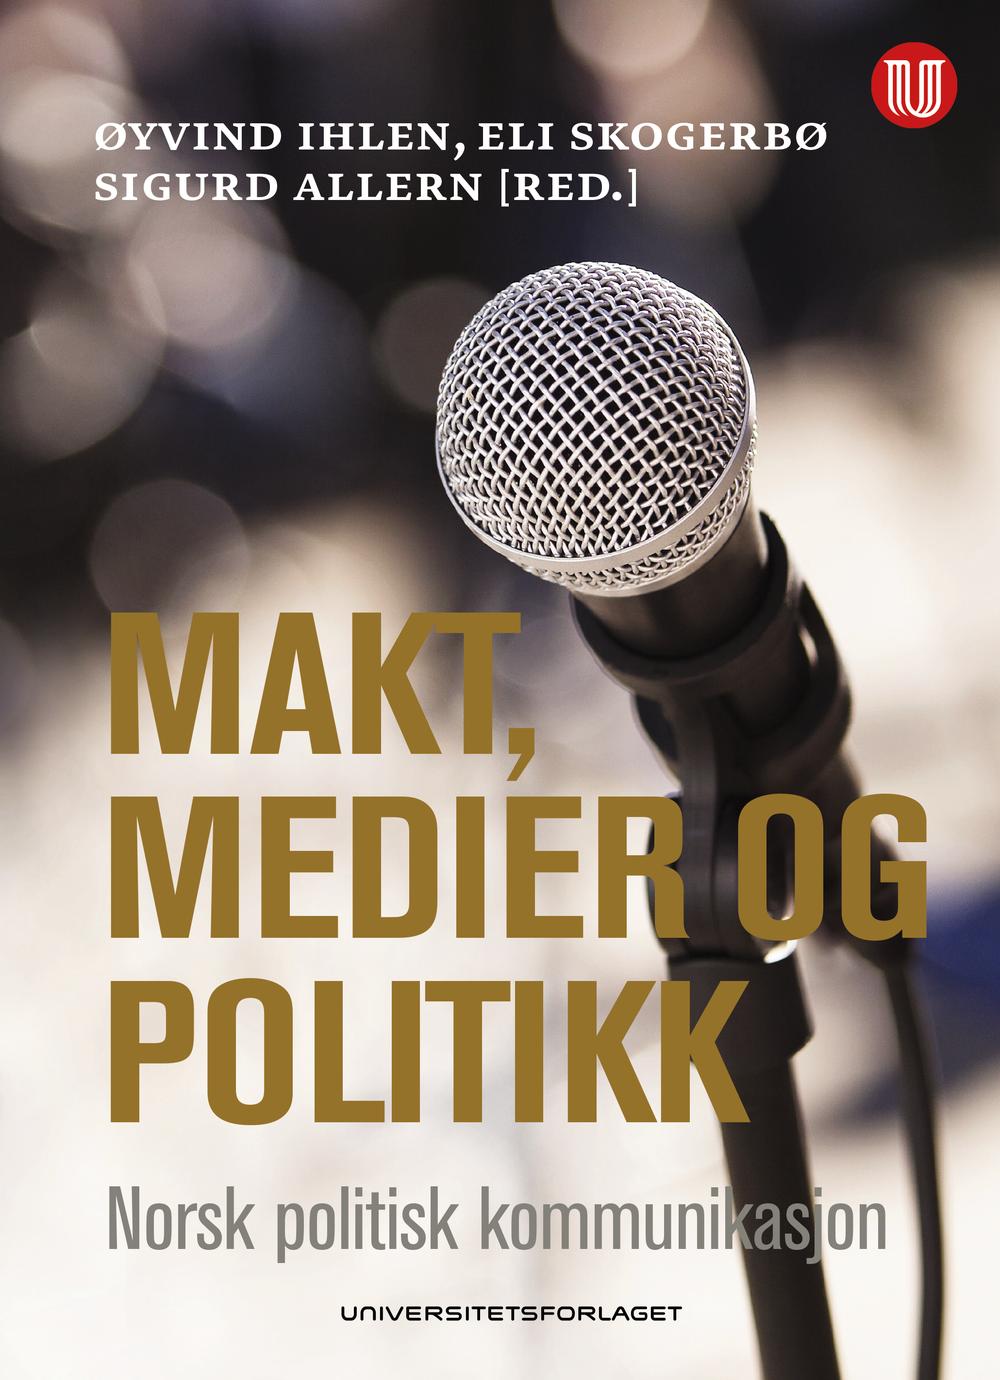 makt medier.png